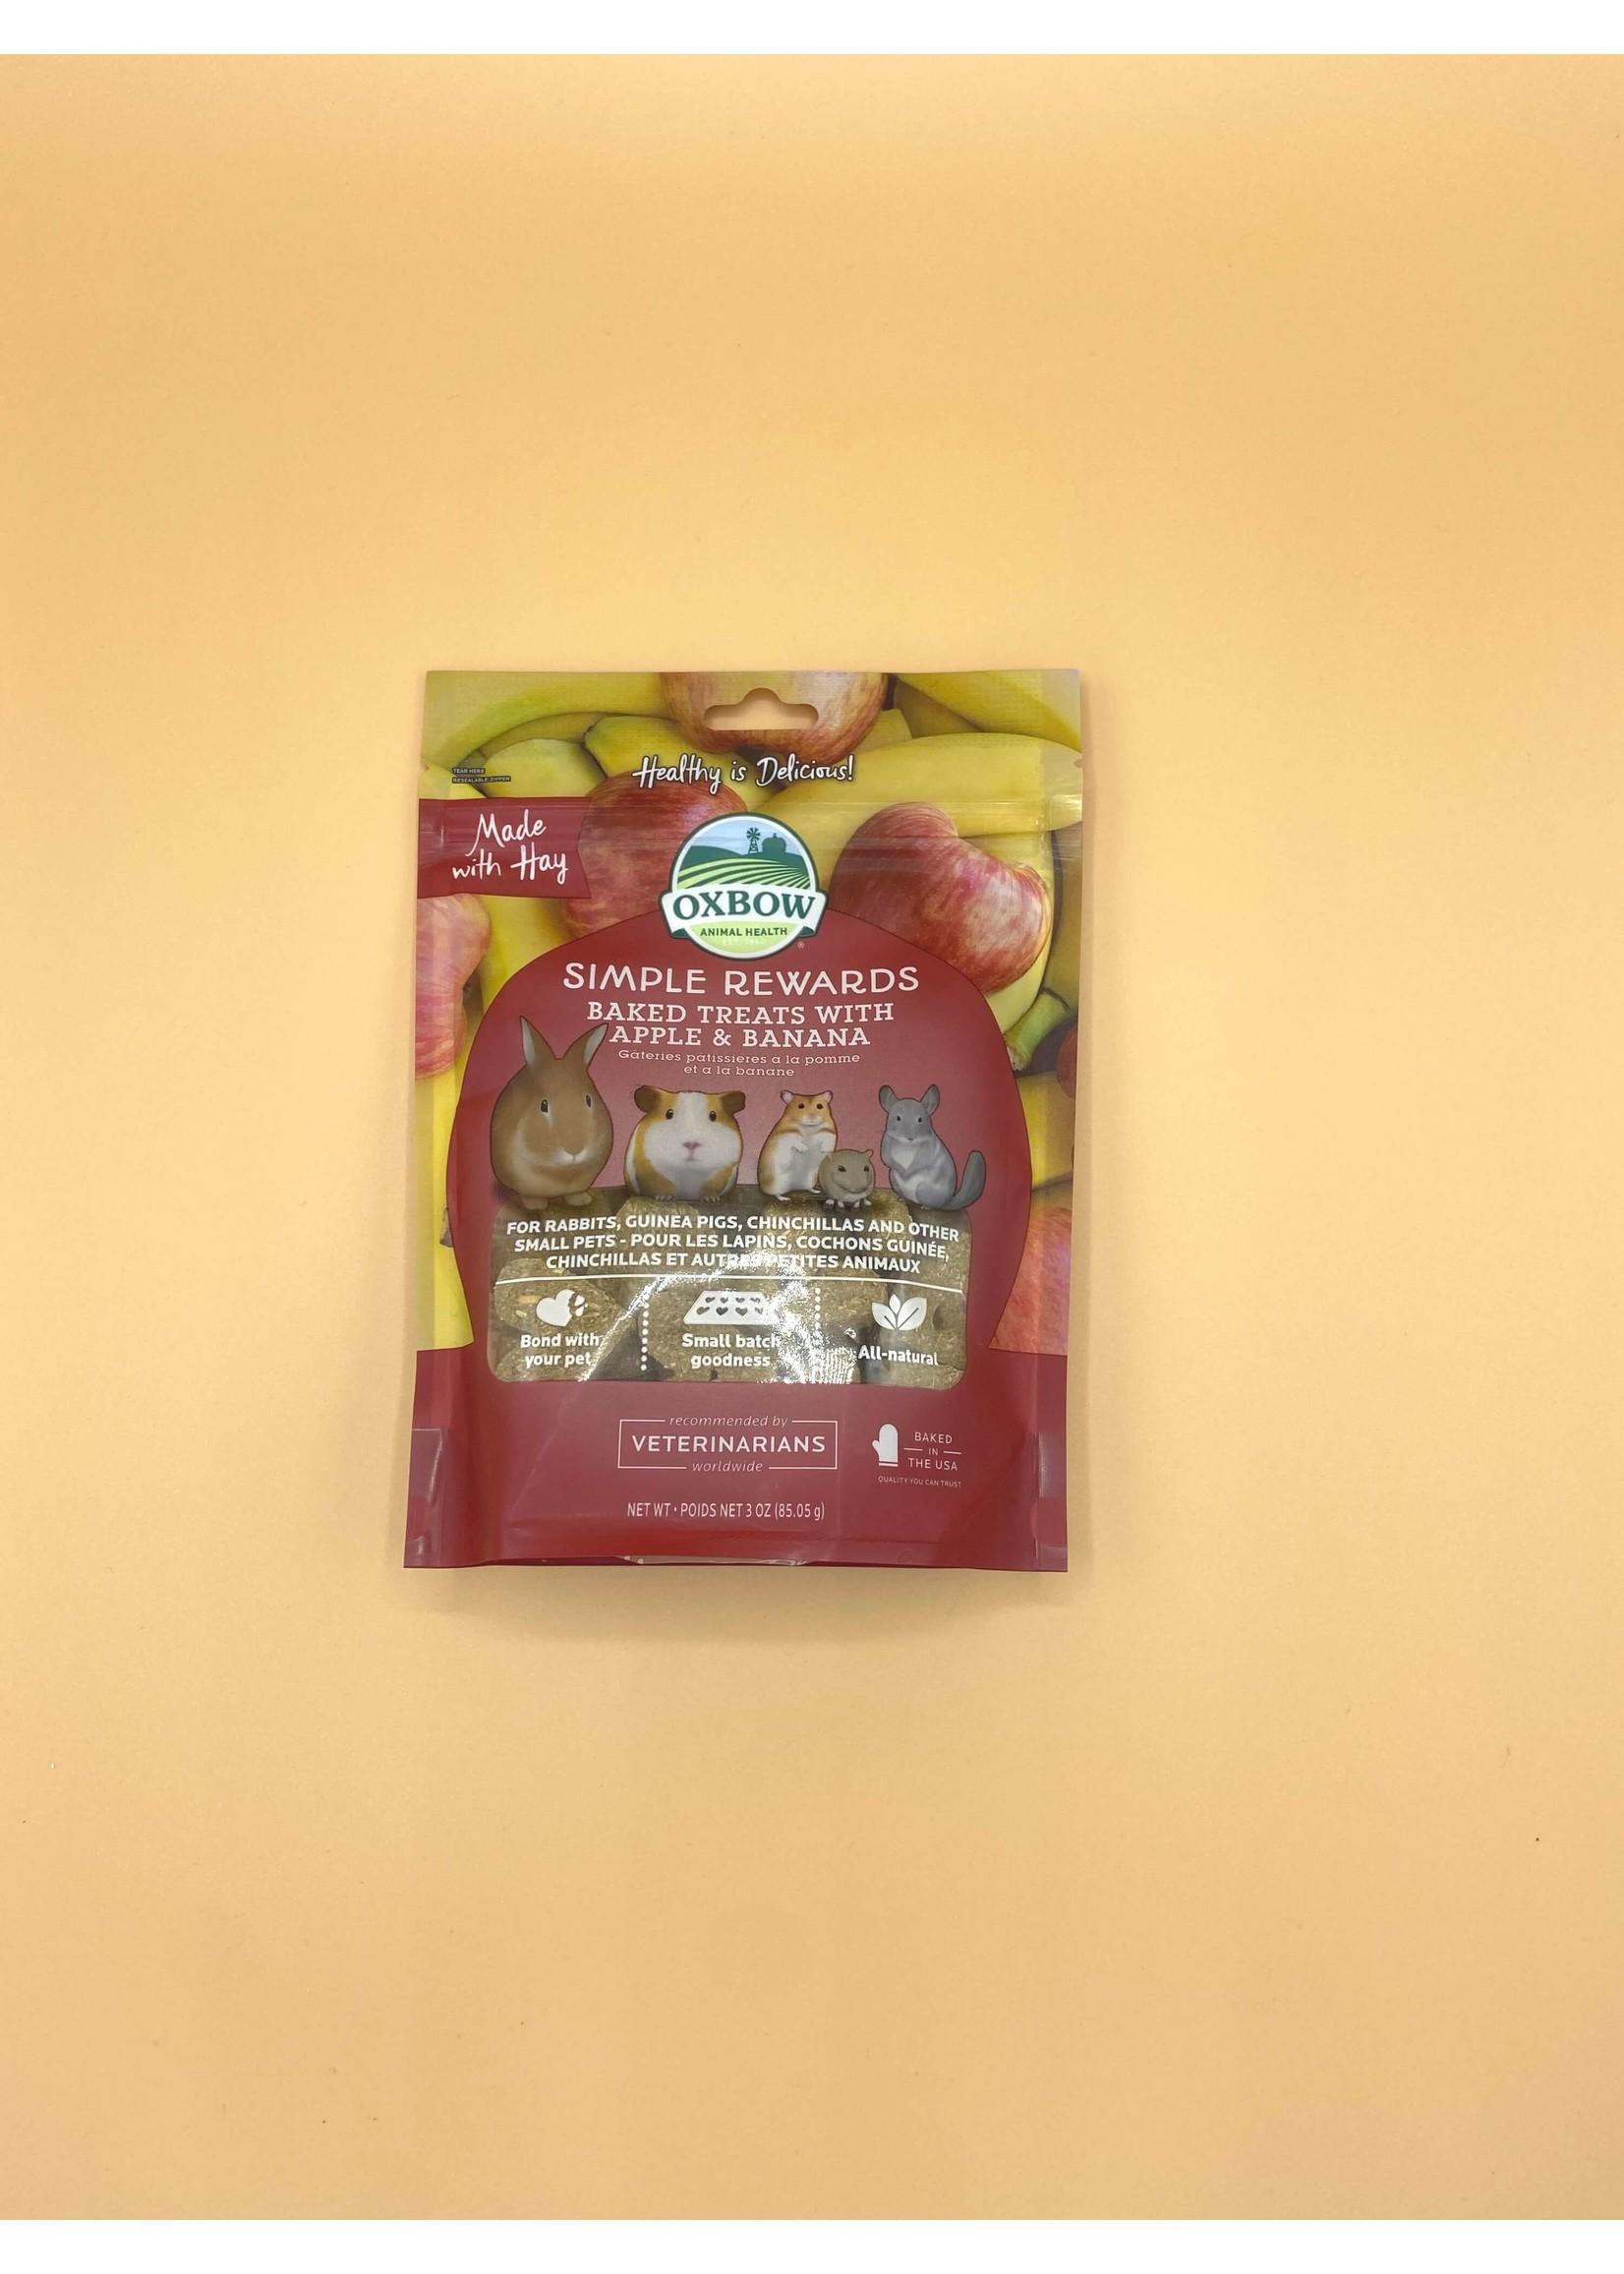 Oxbow Oxbow Simple Rewards Baked Treats - Apple and Banana